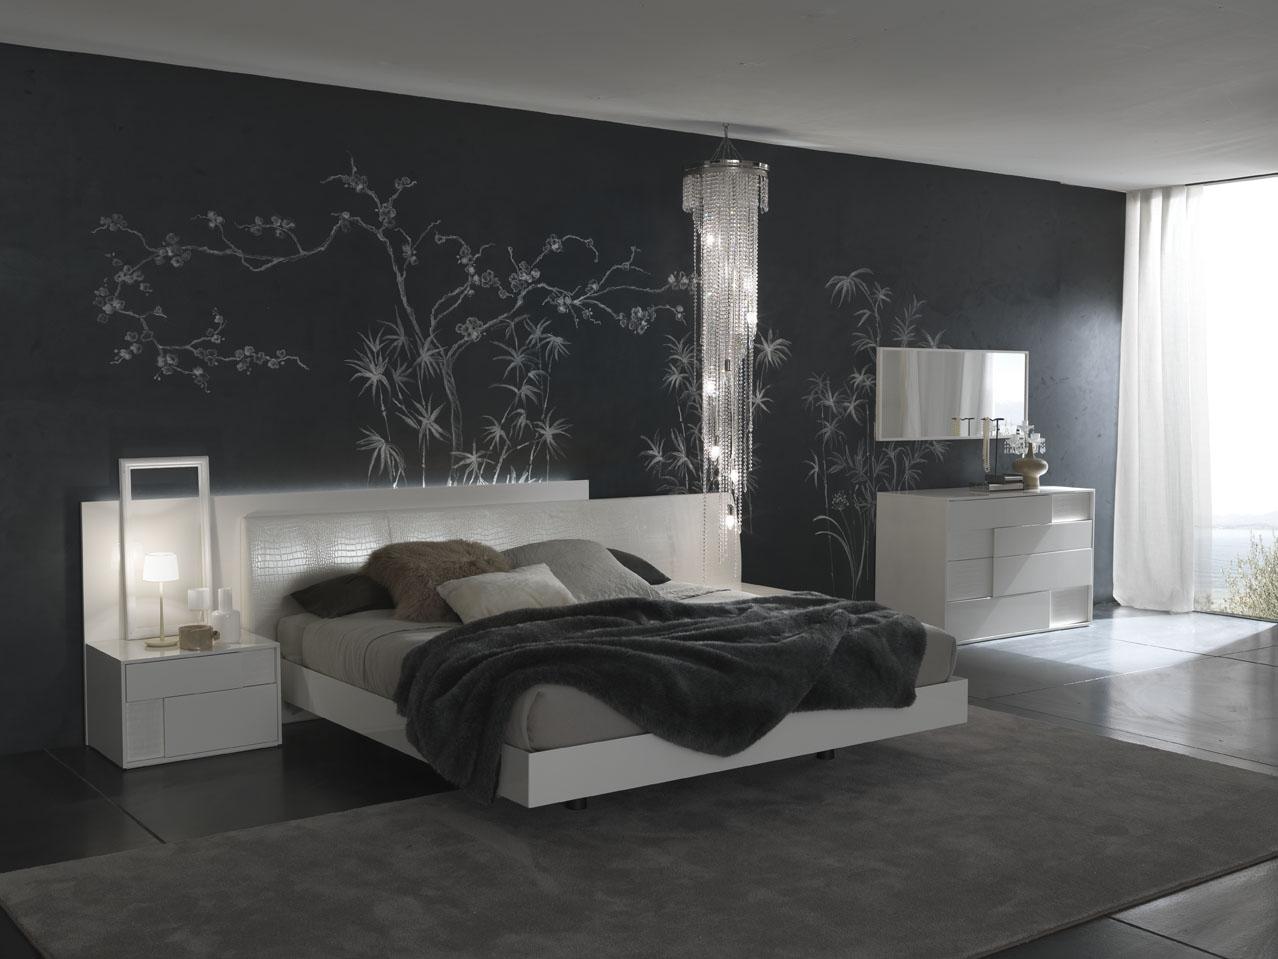 soveværelse-design-ideer-billeder-moderne design-på-værelses-design-ideer